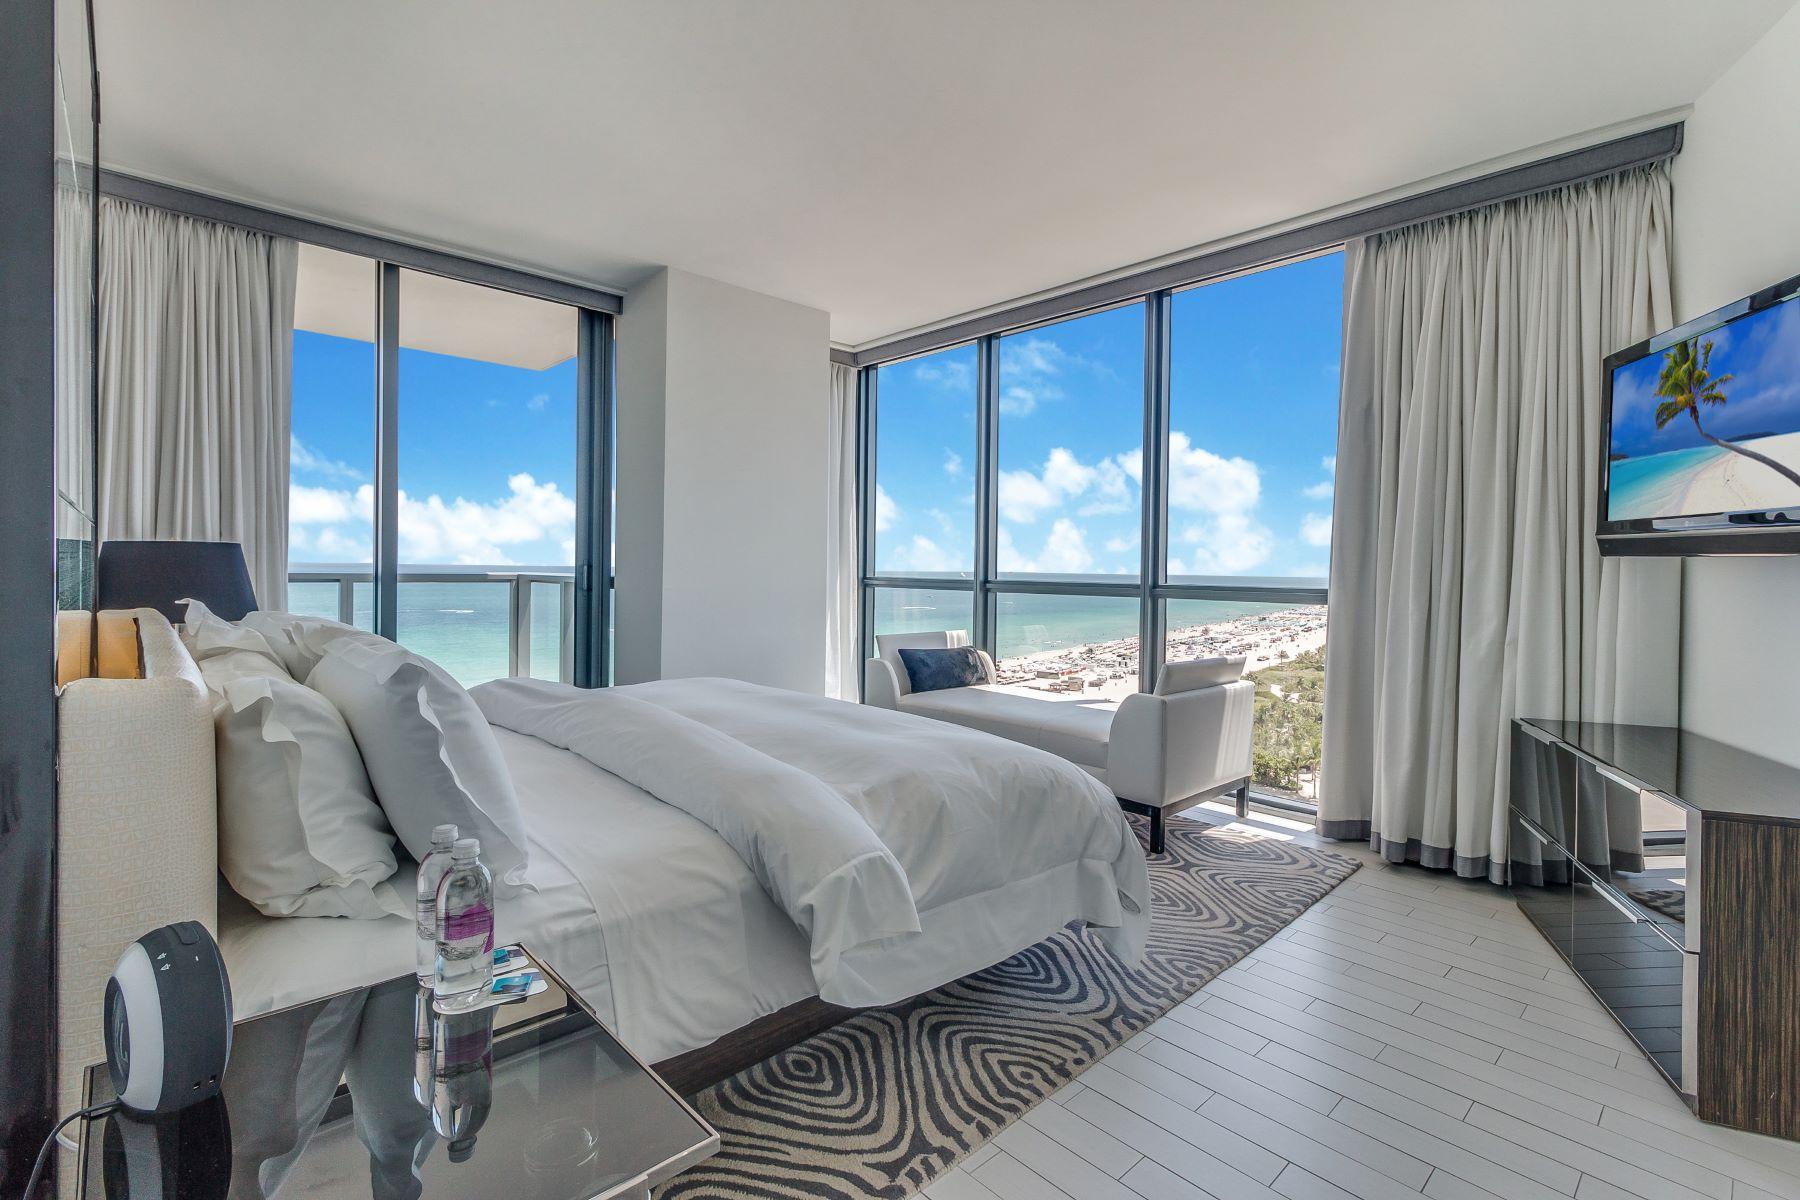 Condomínio para Venda às 2201 Collins Ave 2201 Collins Ave 1428 29 30 Miami Beach, Florida, 33139 Estados Unidos